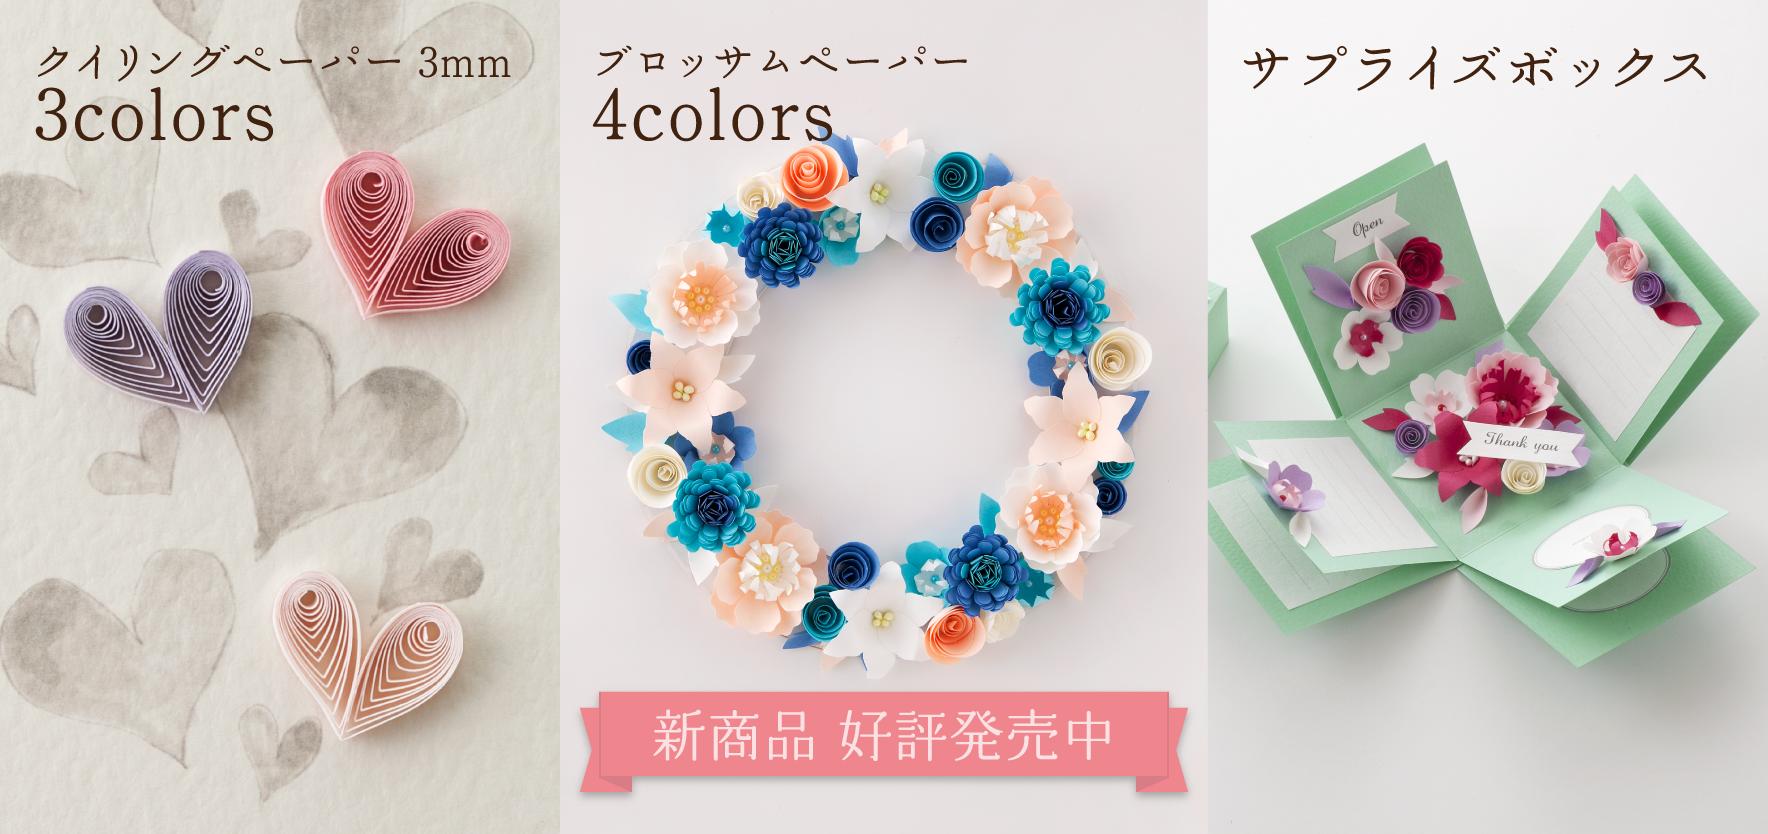 新商品 好評発売中「クイリングペーパー3mm 3colors」「ブロッサムペーパー4colors」「サプライズボックス」